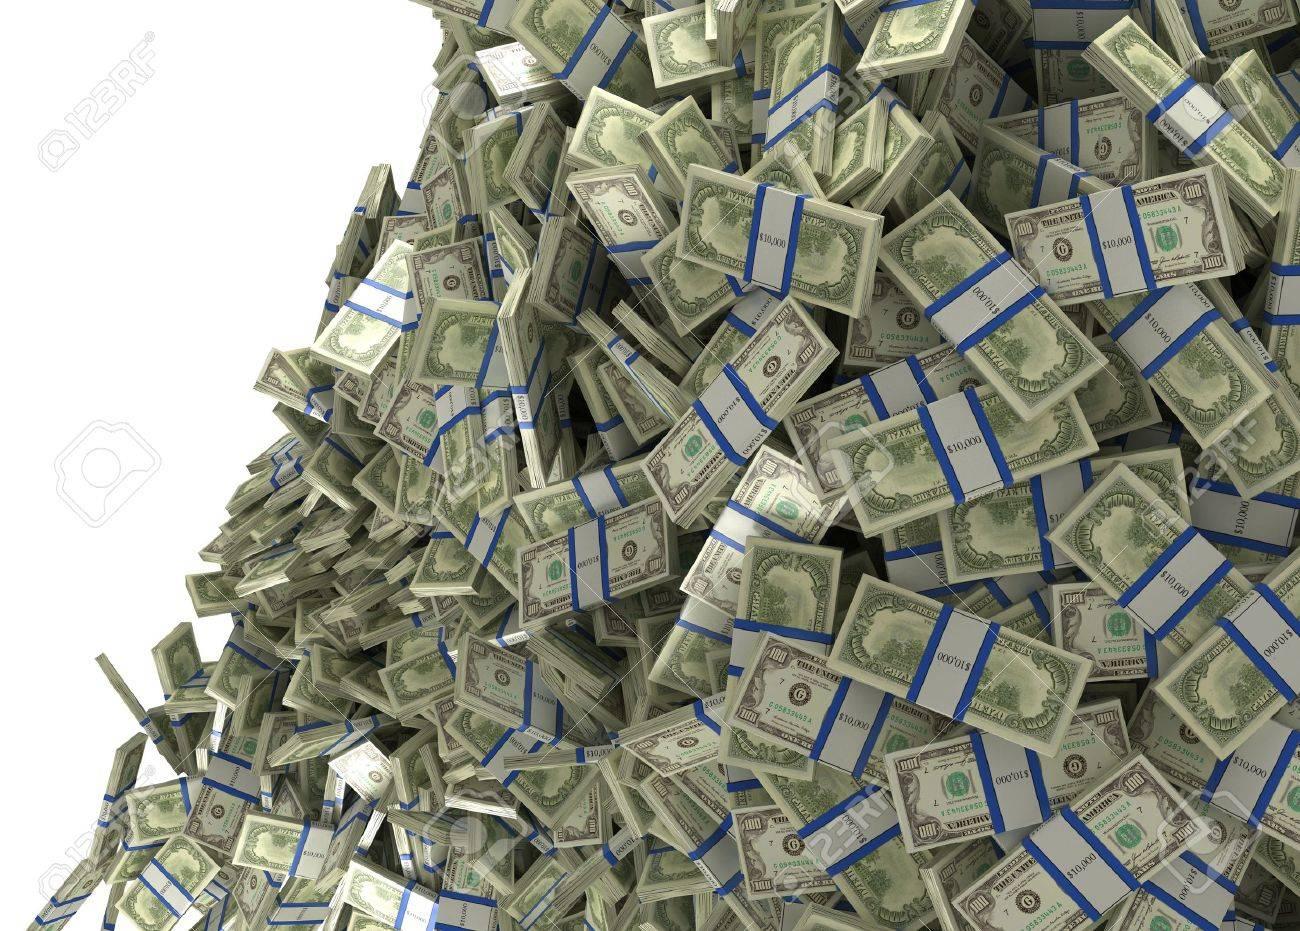 Mucho Dinero Y La Riqueza Paquetes De Dólar Cayendo Aislado En